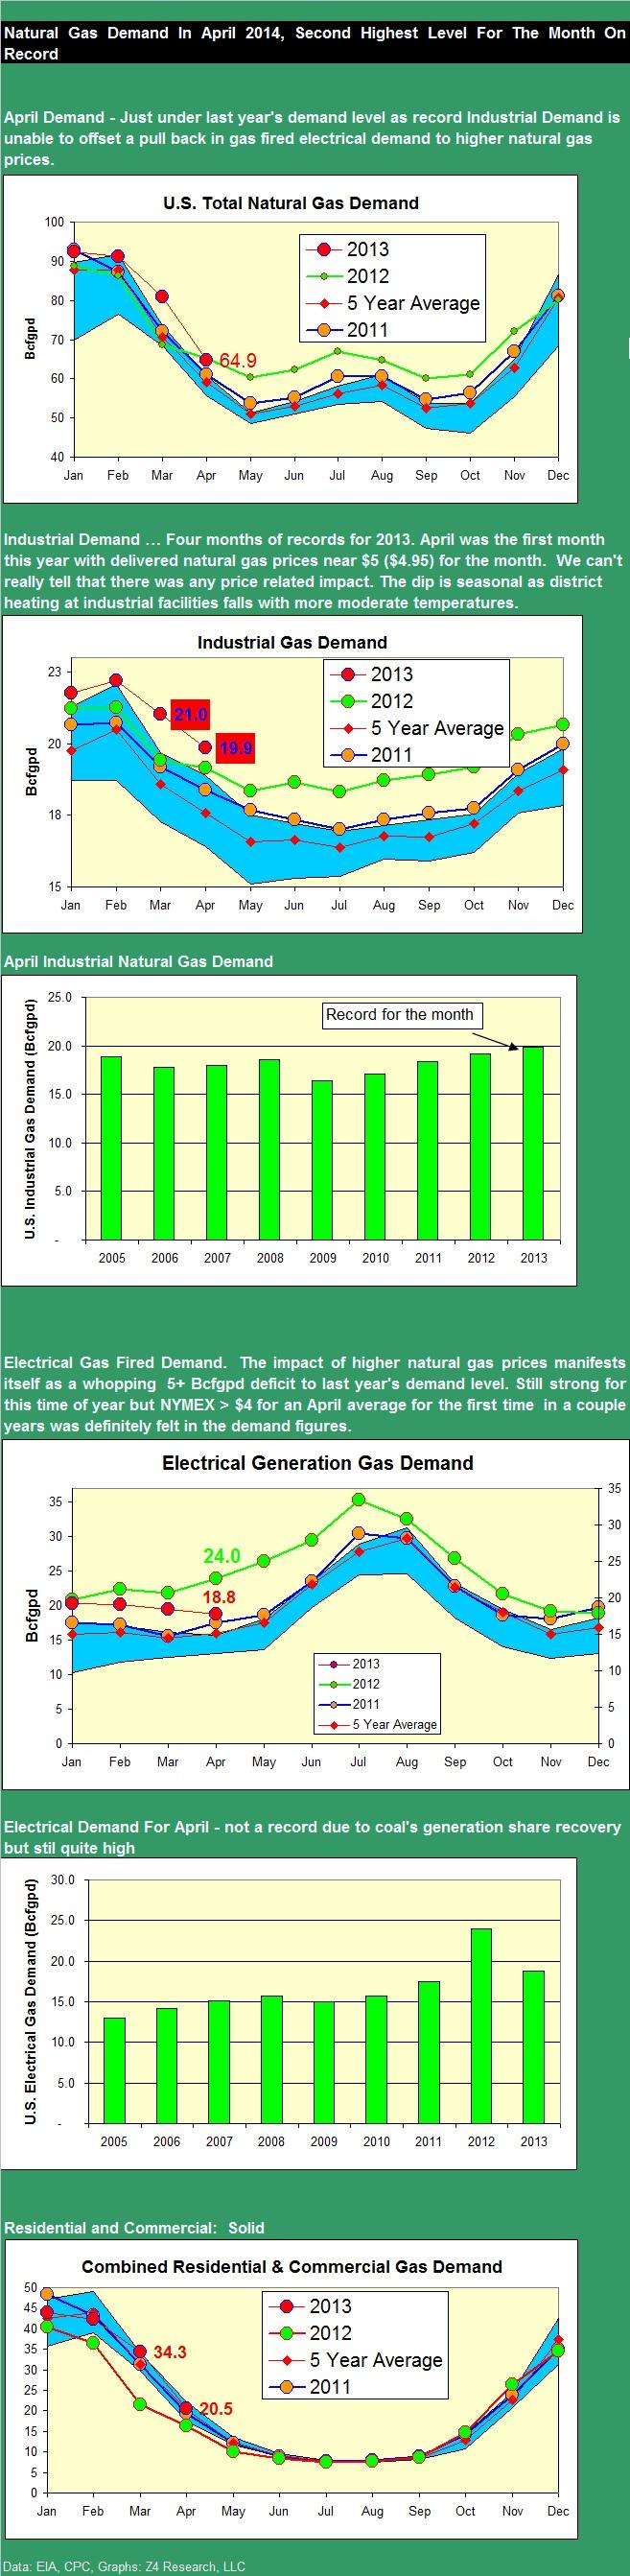 NG demand April 2013